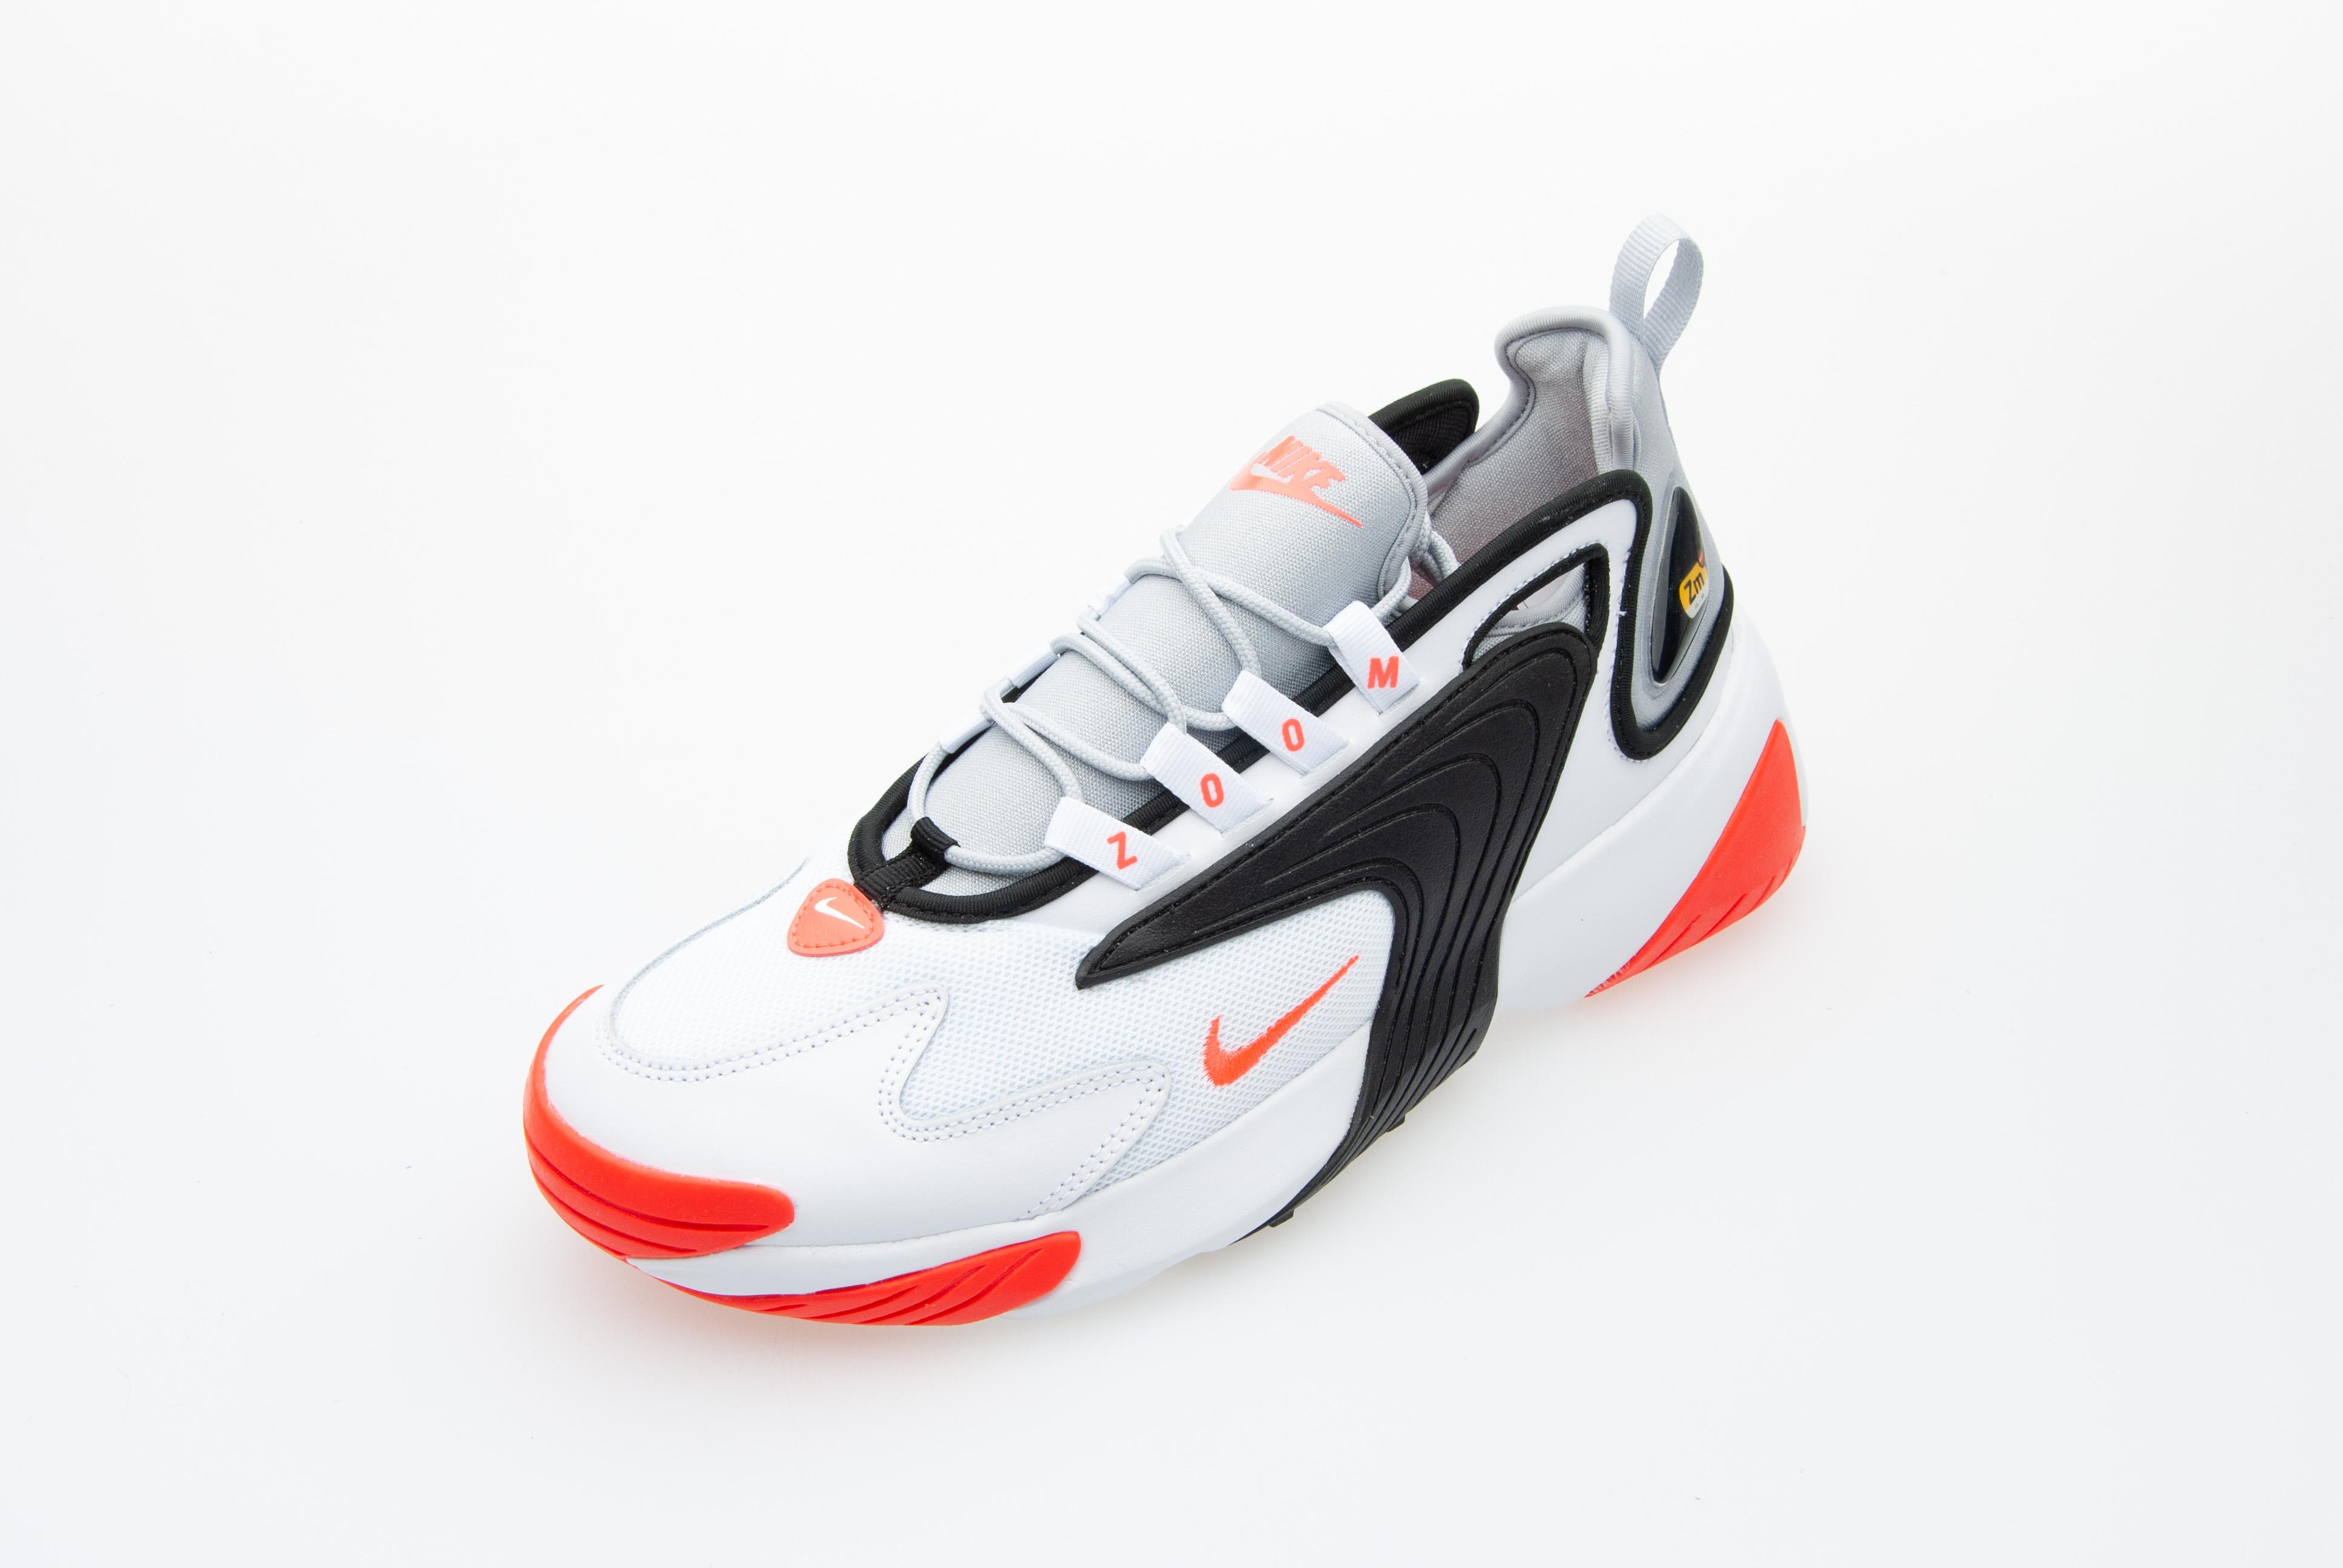 41eff463c9c5 Nike Zoom 2K - Scoop86